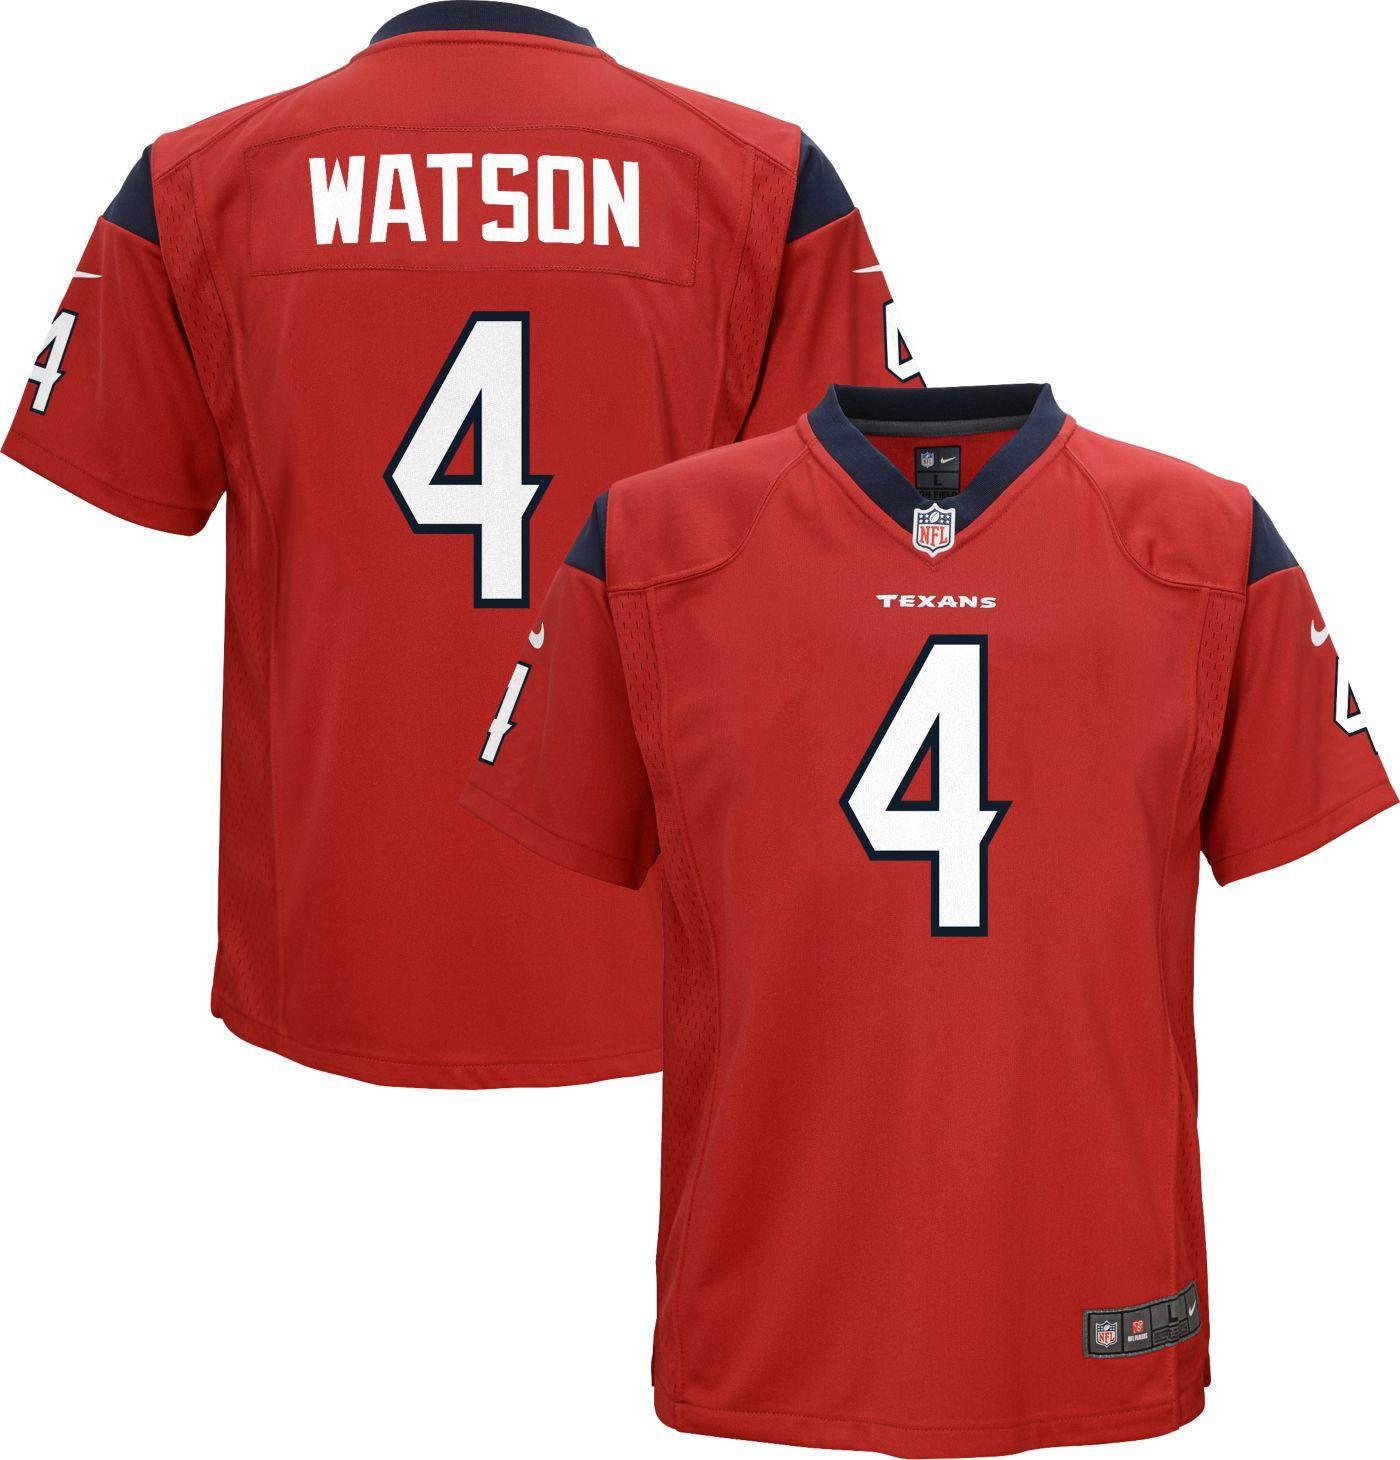 Nike Youth Alternate Game Jersey Houston Texans Deshaun Watson #4